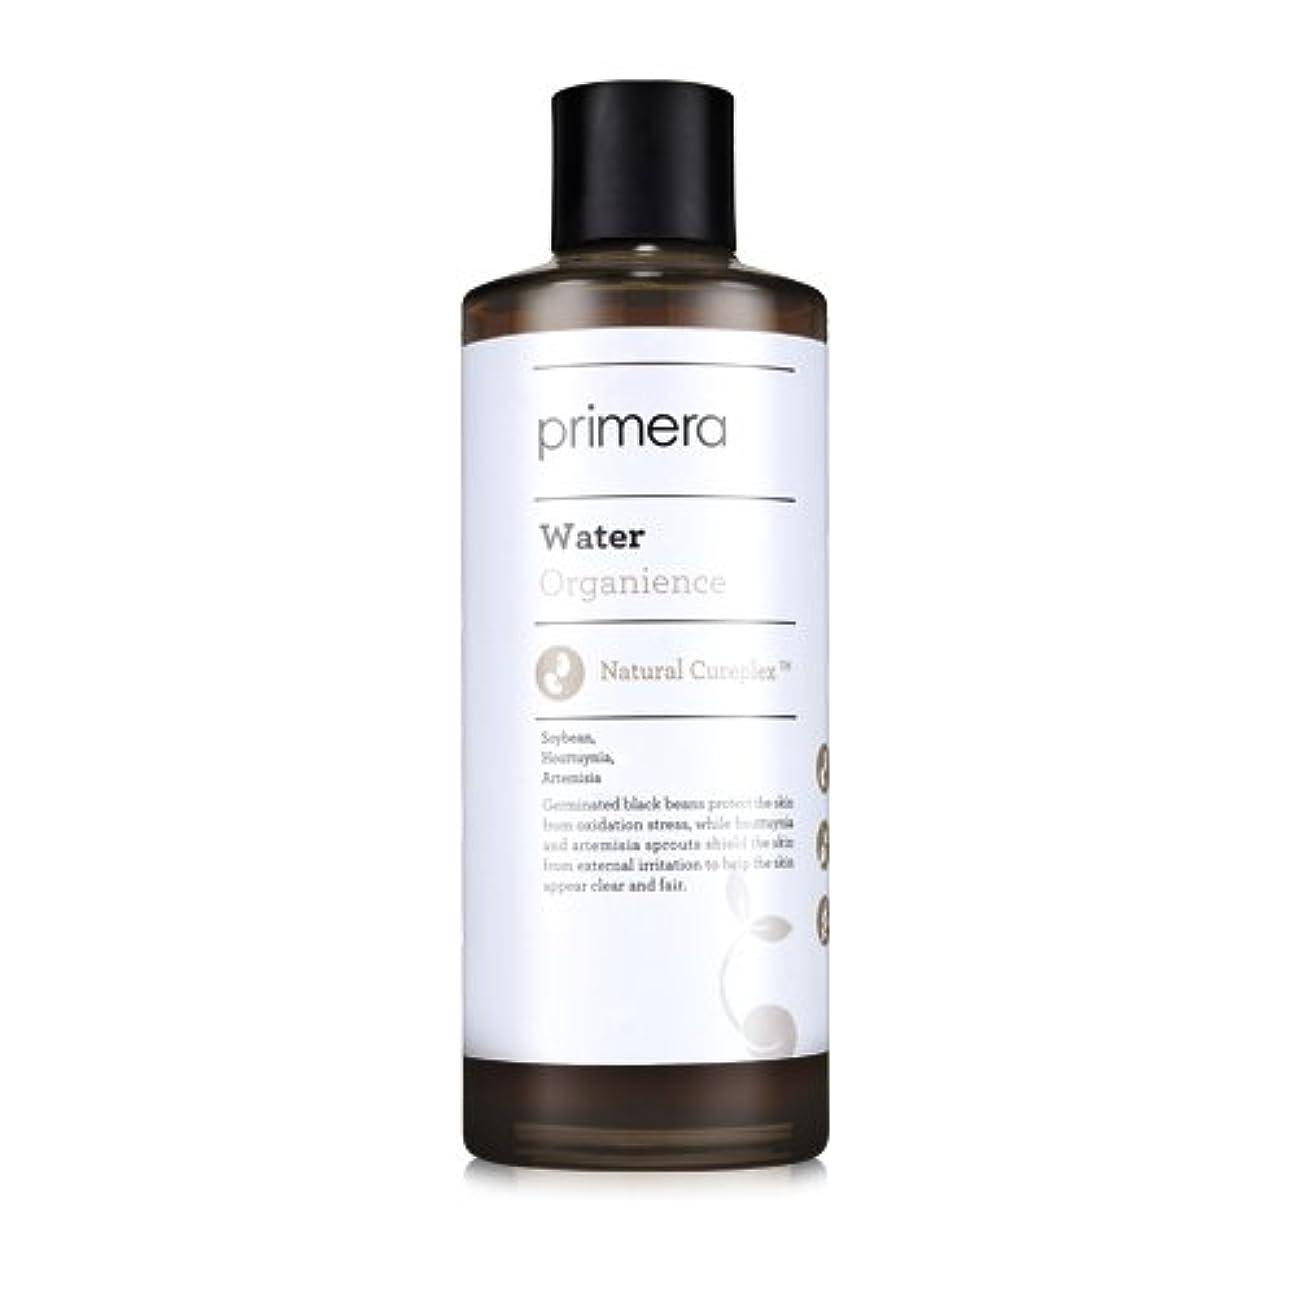 名声戦略肥沃なPRIMERA プリメラ オーガニエンス エマルジョン(Organience Emulsion)乳液 150ml